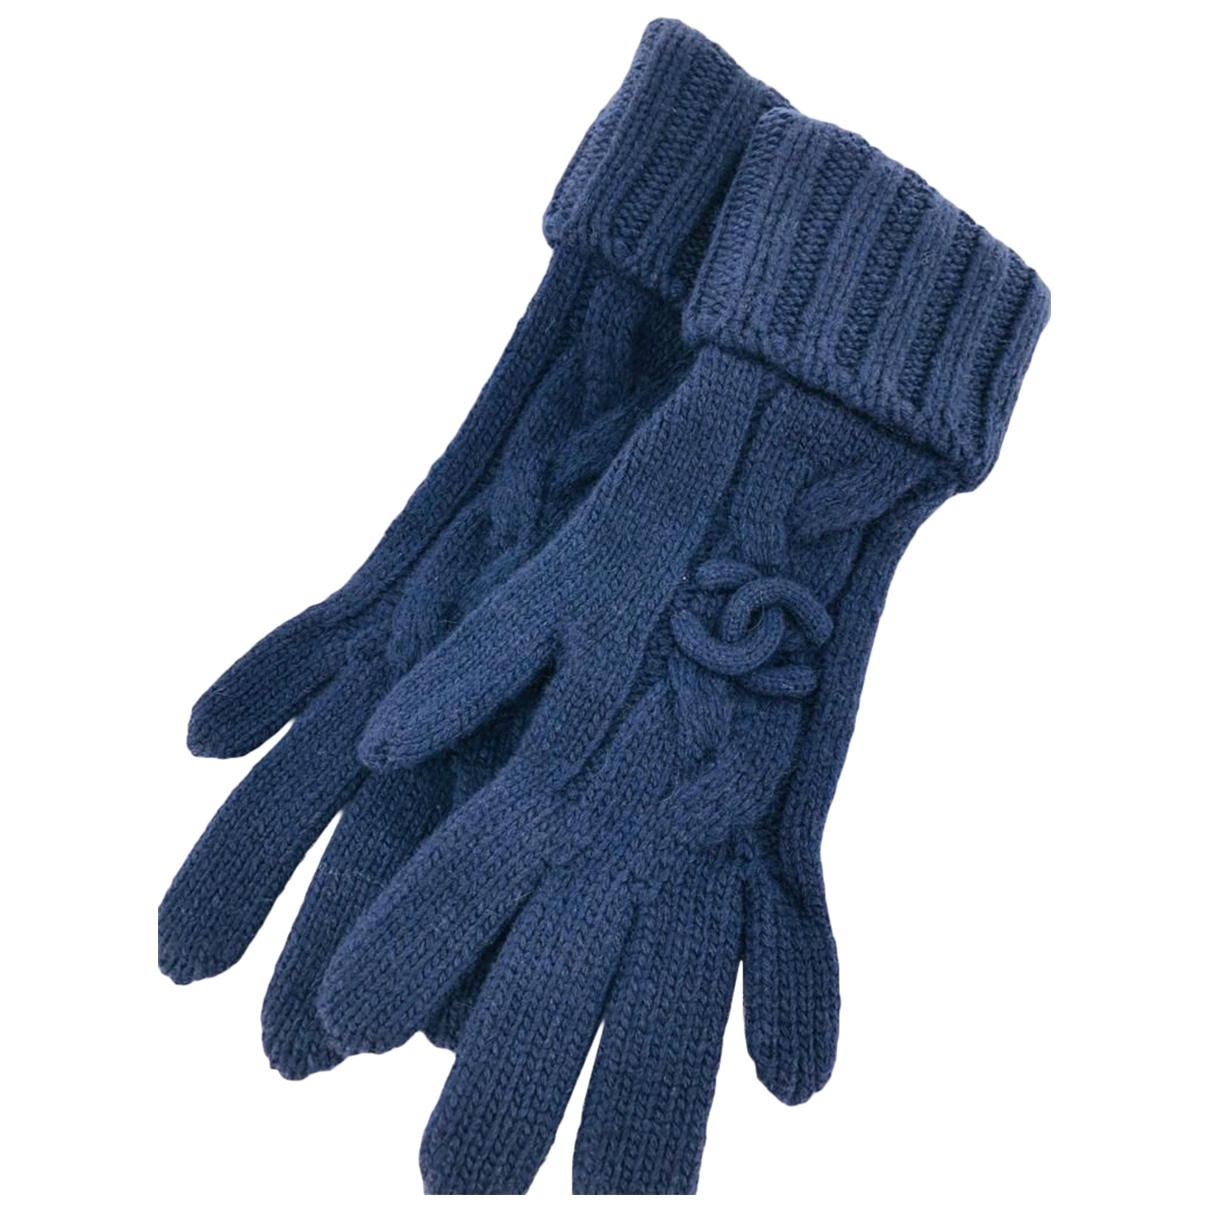 Chanel \N Handschuhe in  Blau Wolle